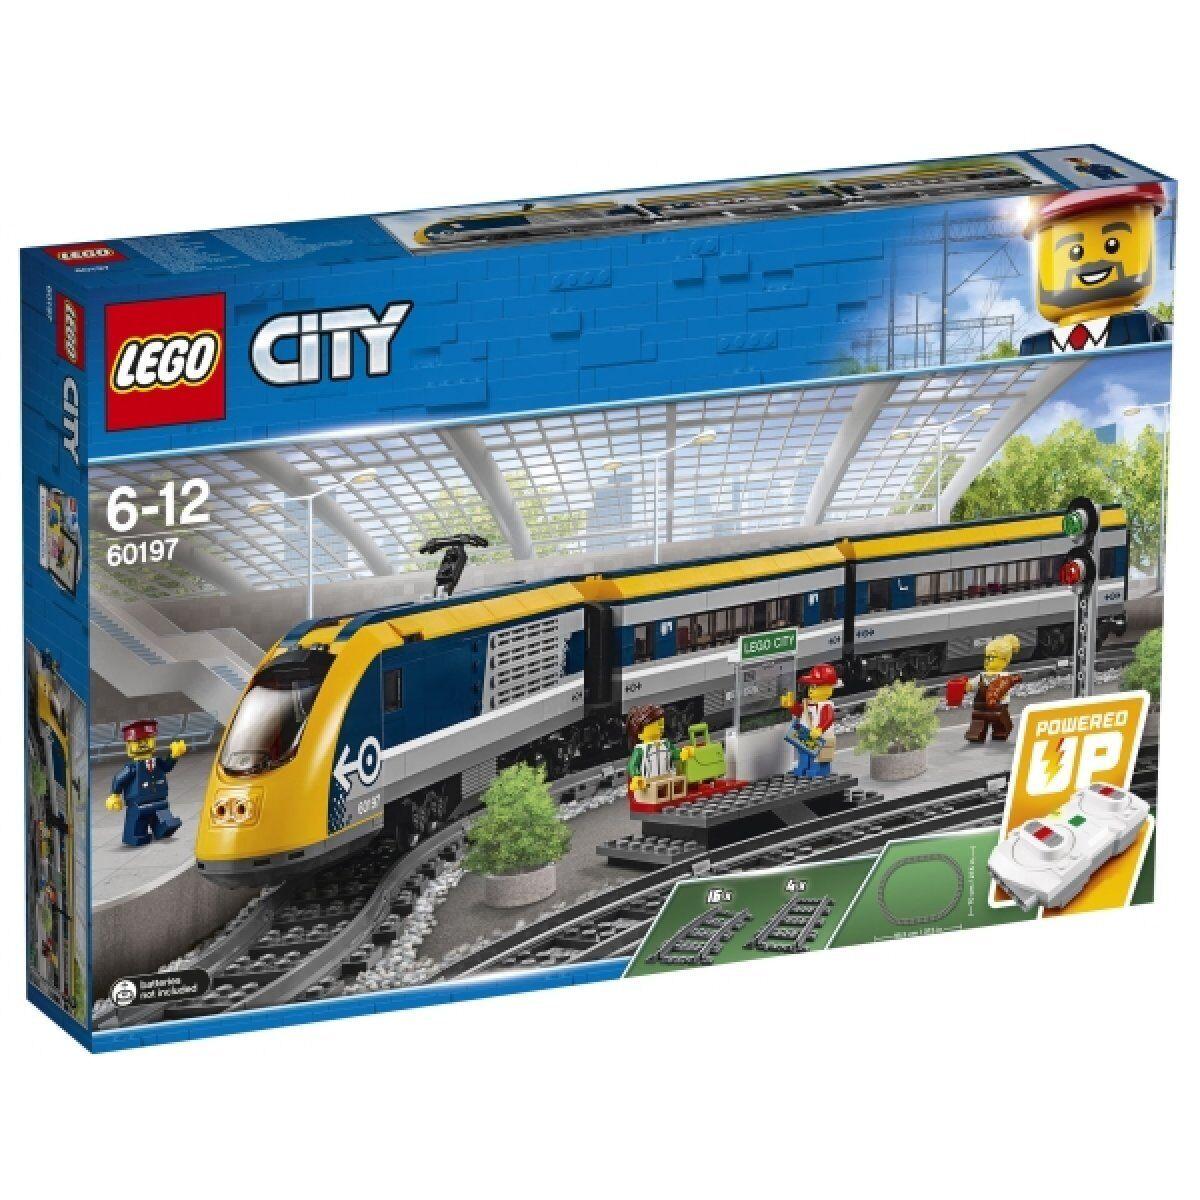 LEGO città Treno Ferrovia  60197 NUOVO OVP  vendita online